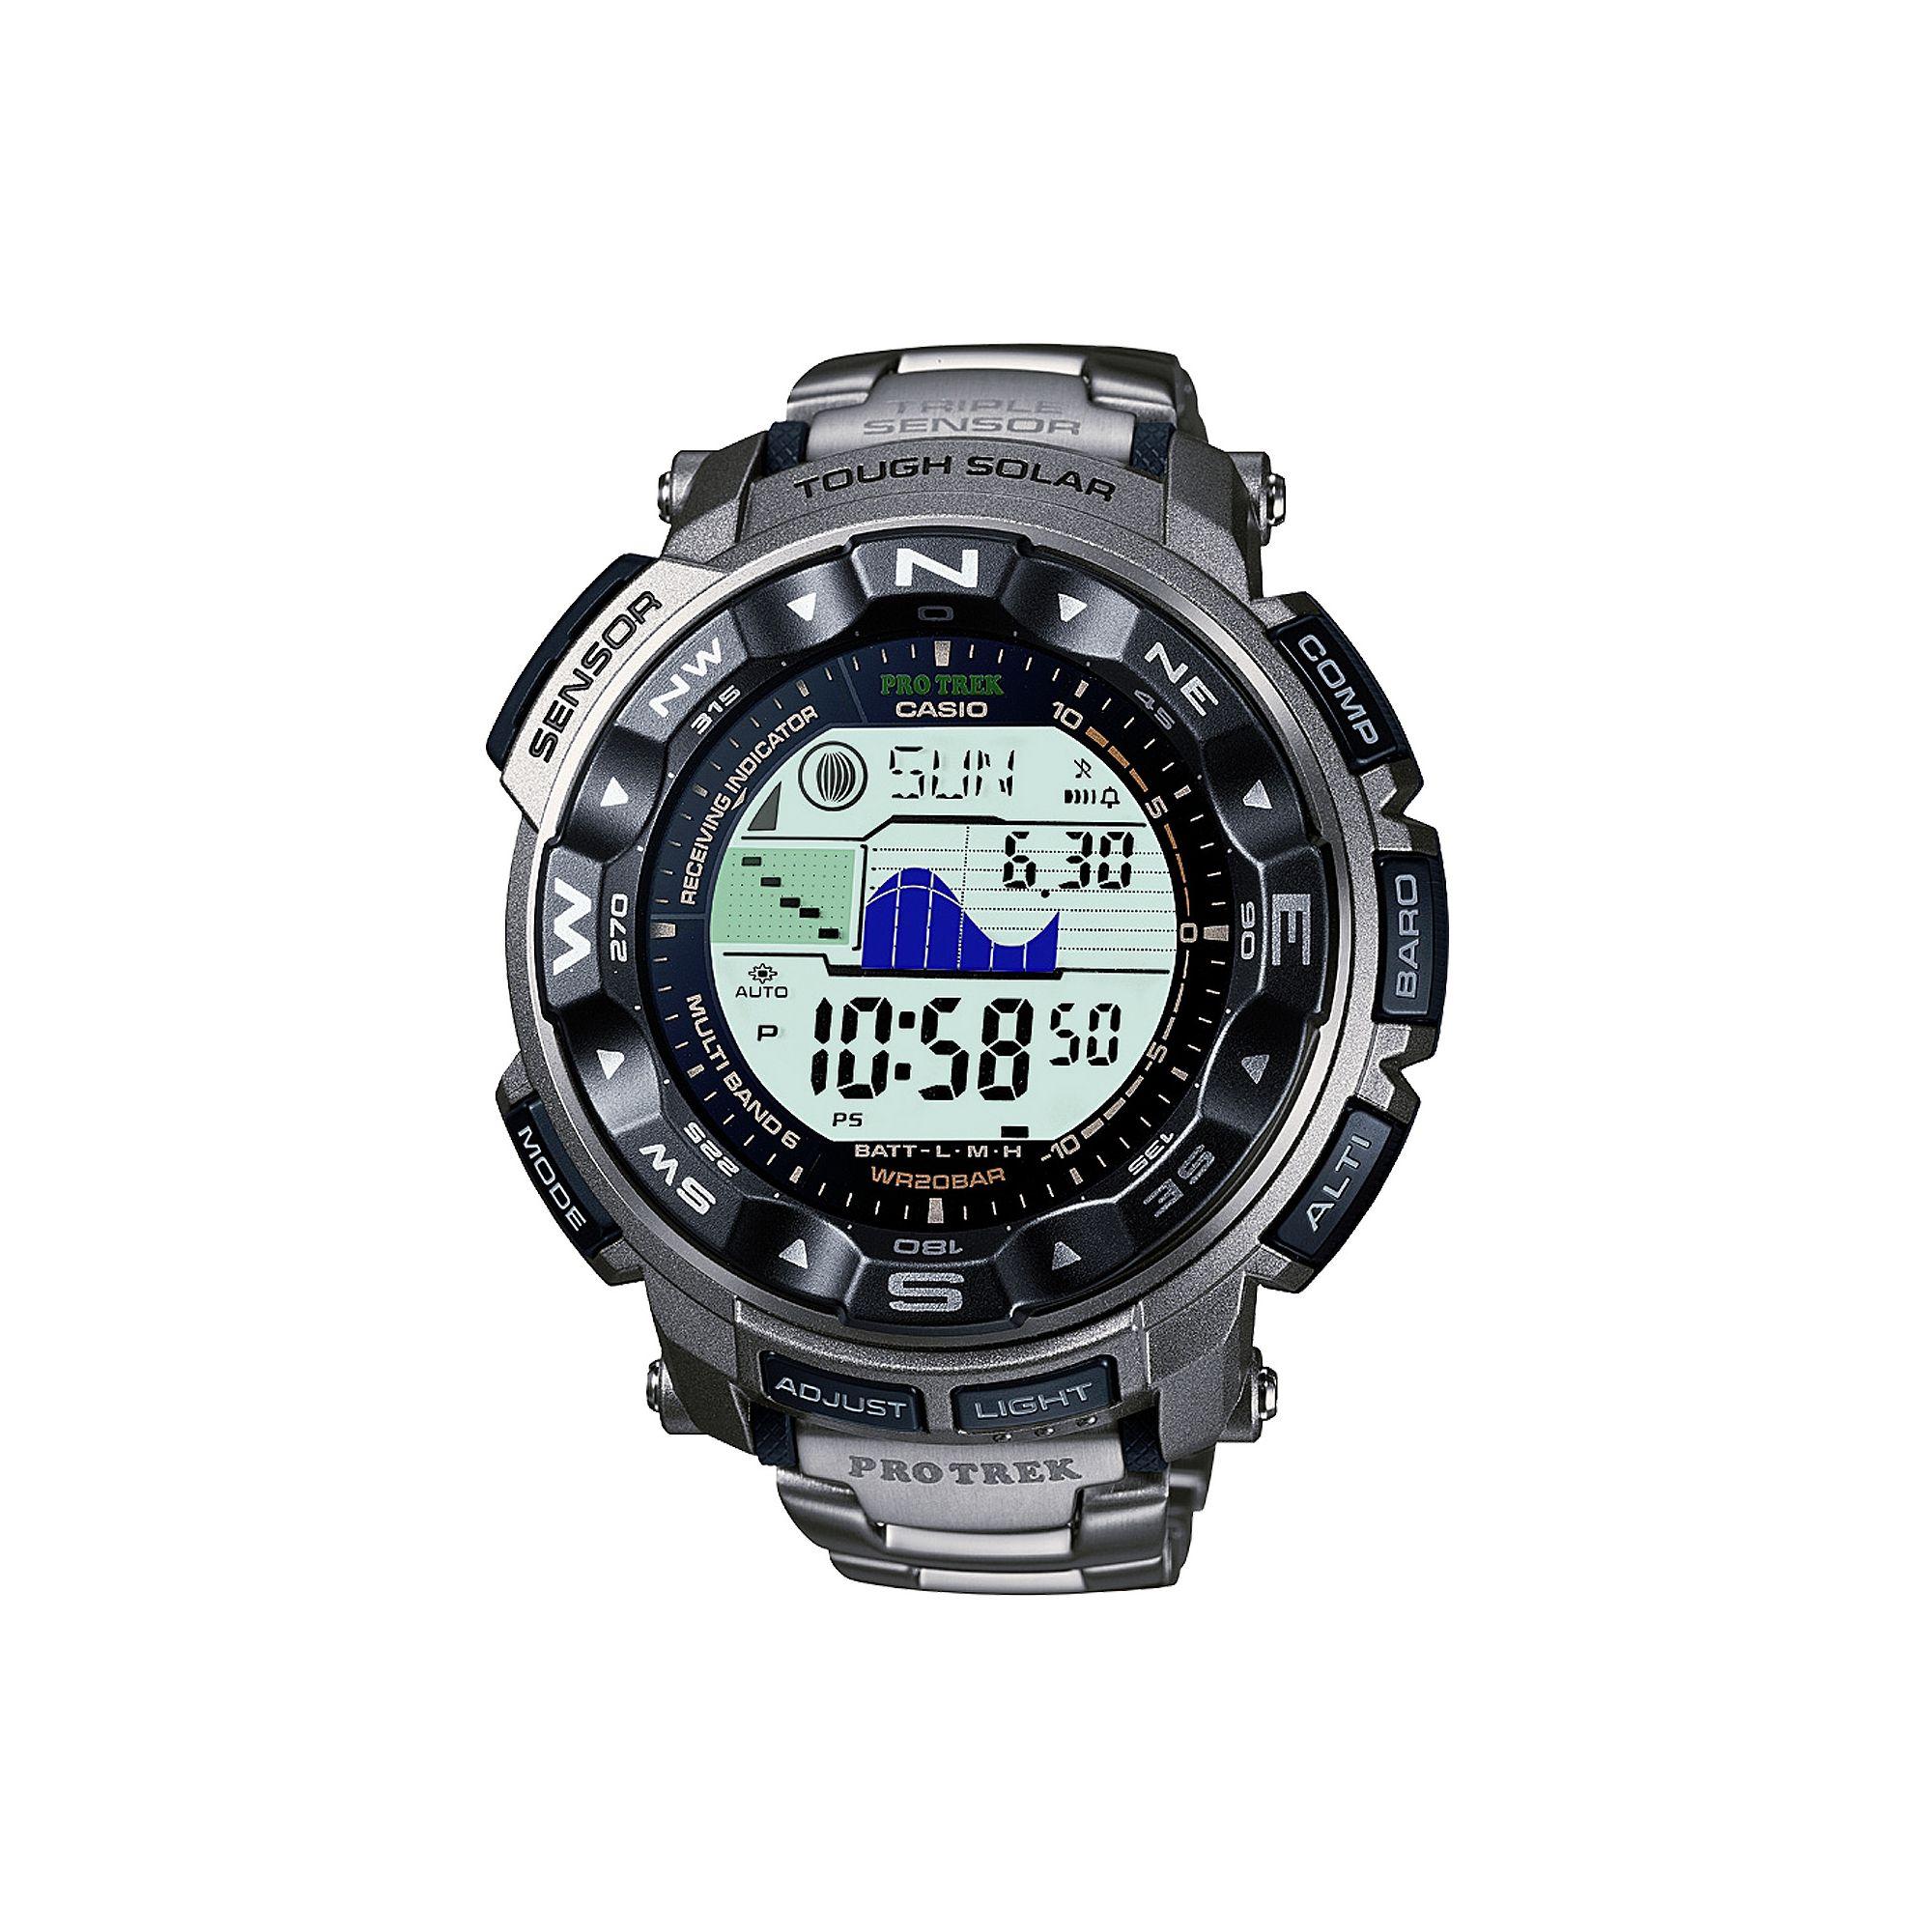 Casio Protrek Multifunction Strap Watch PRW-2500T-7ER at Tesco Direct